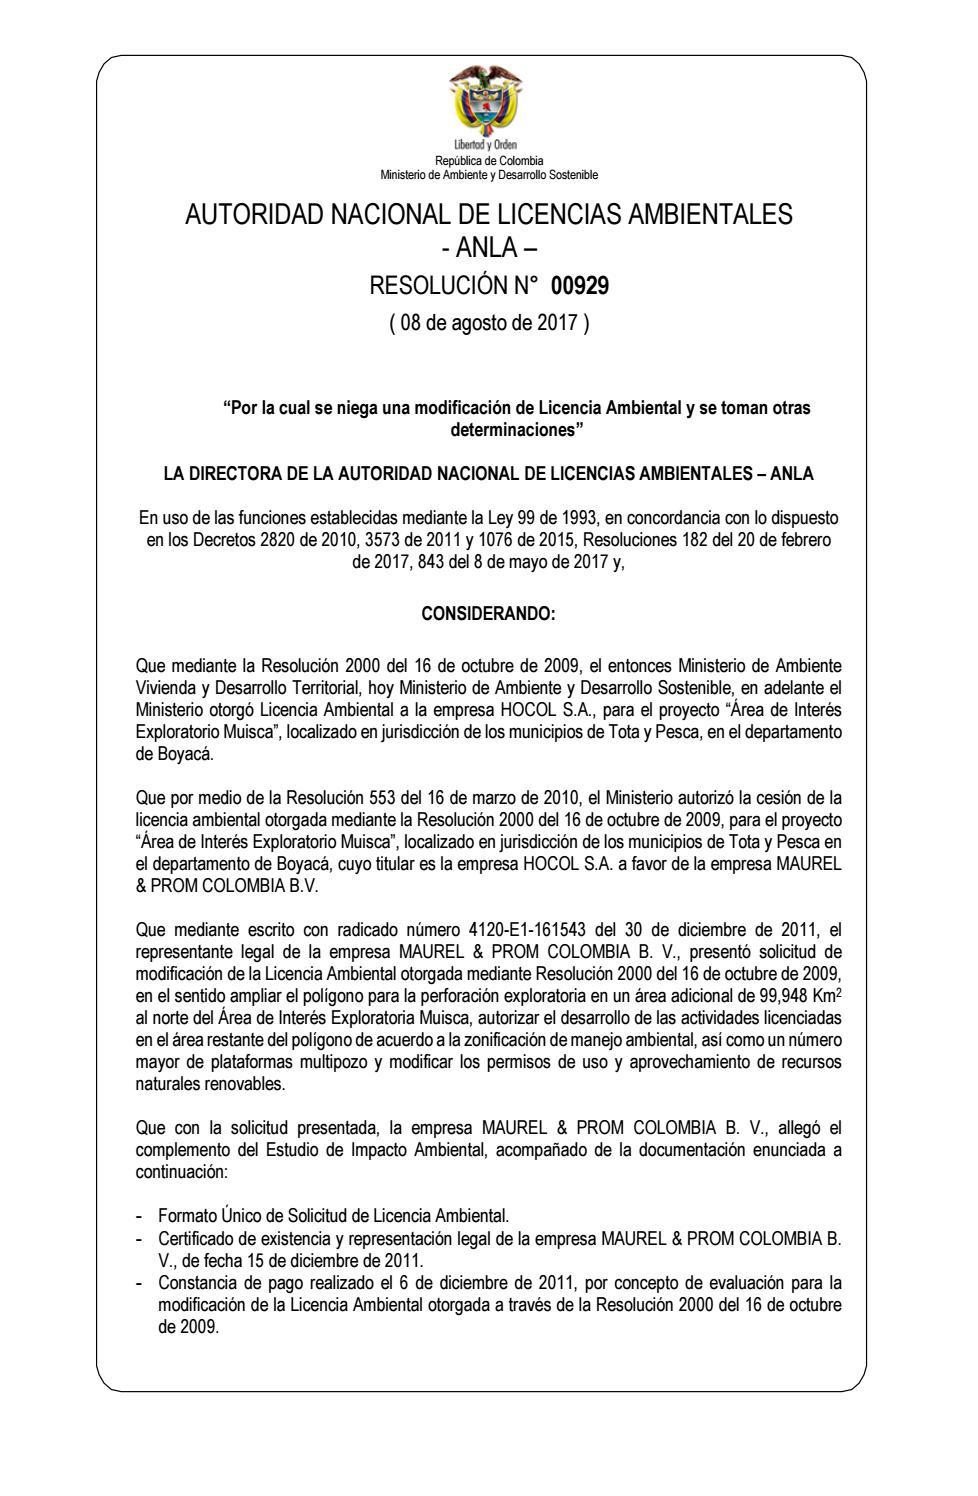 Resolución 0929 de 2017 - Caso Maurel & Prom Colombia by entreojosco ...